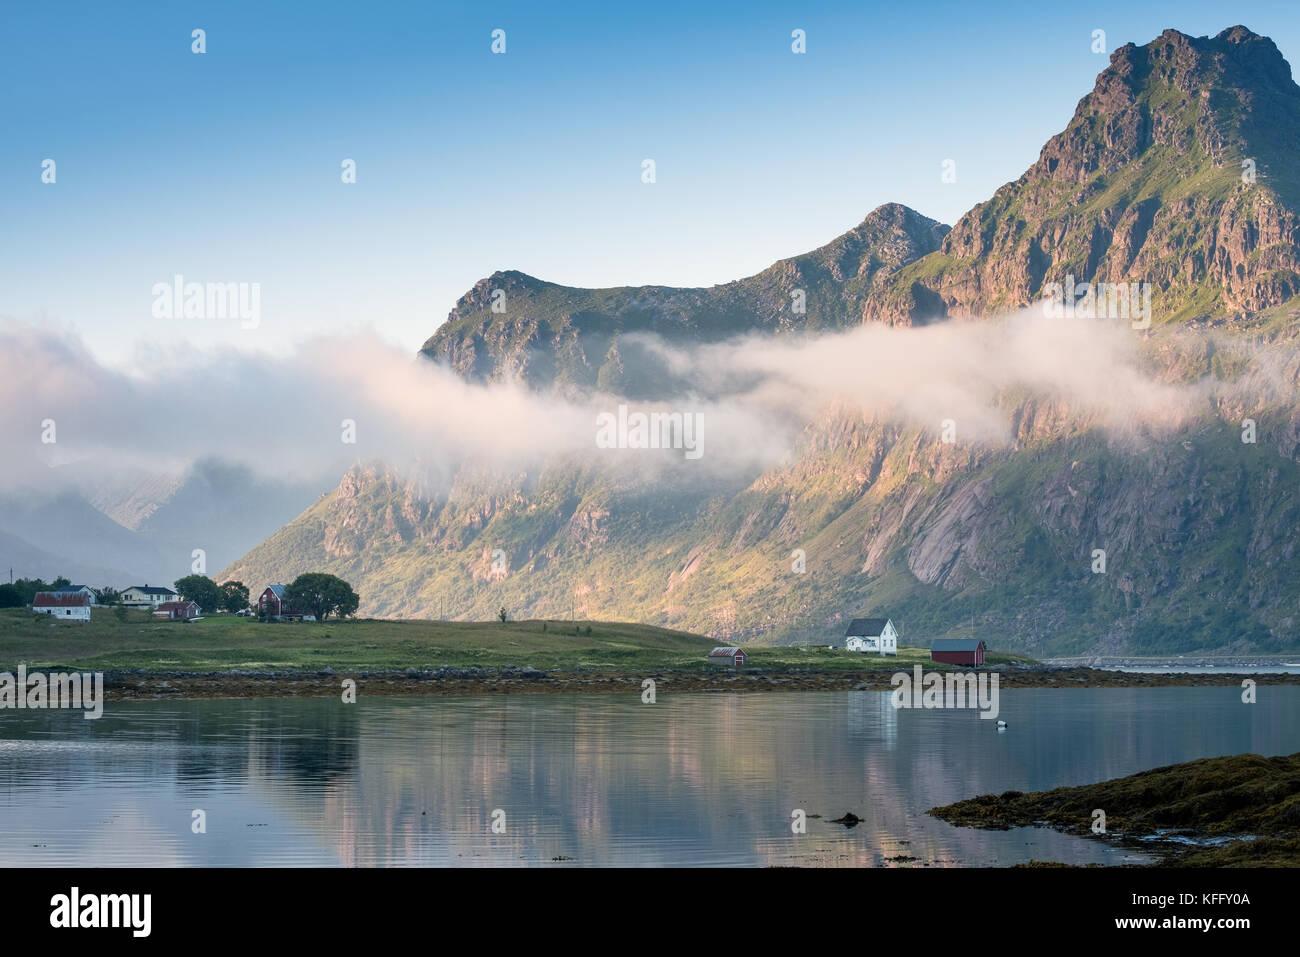 Vista escénica con casa idílica y las montañas en las noches de verano en Lofoten, Noruega Imagen De Stock